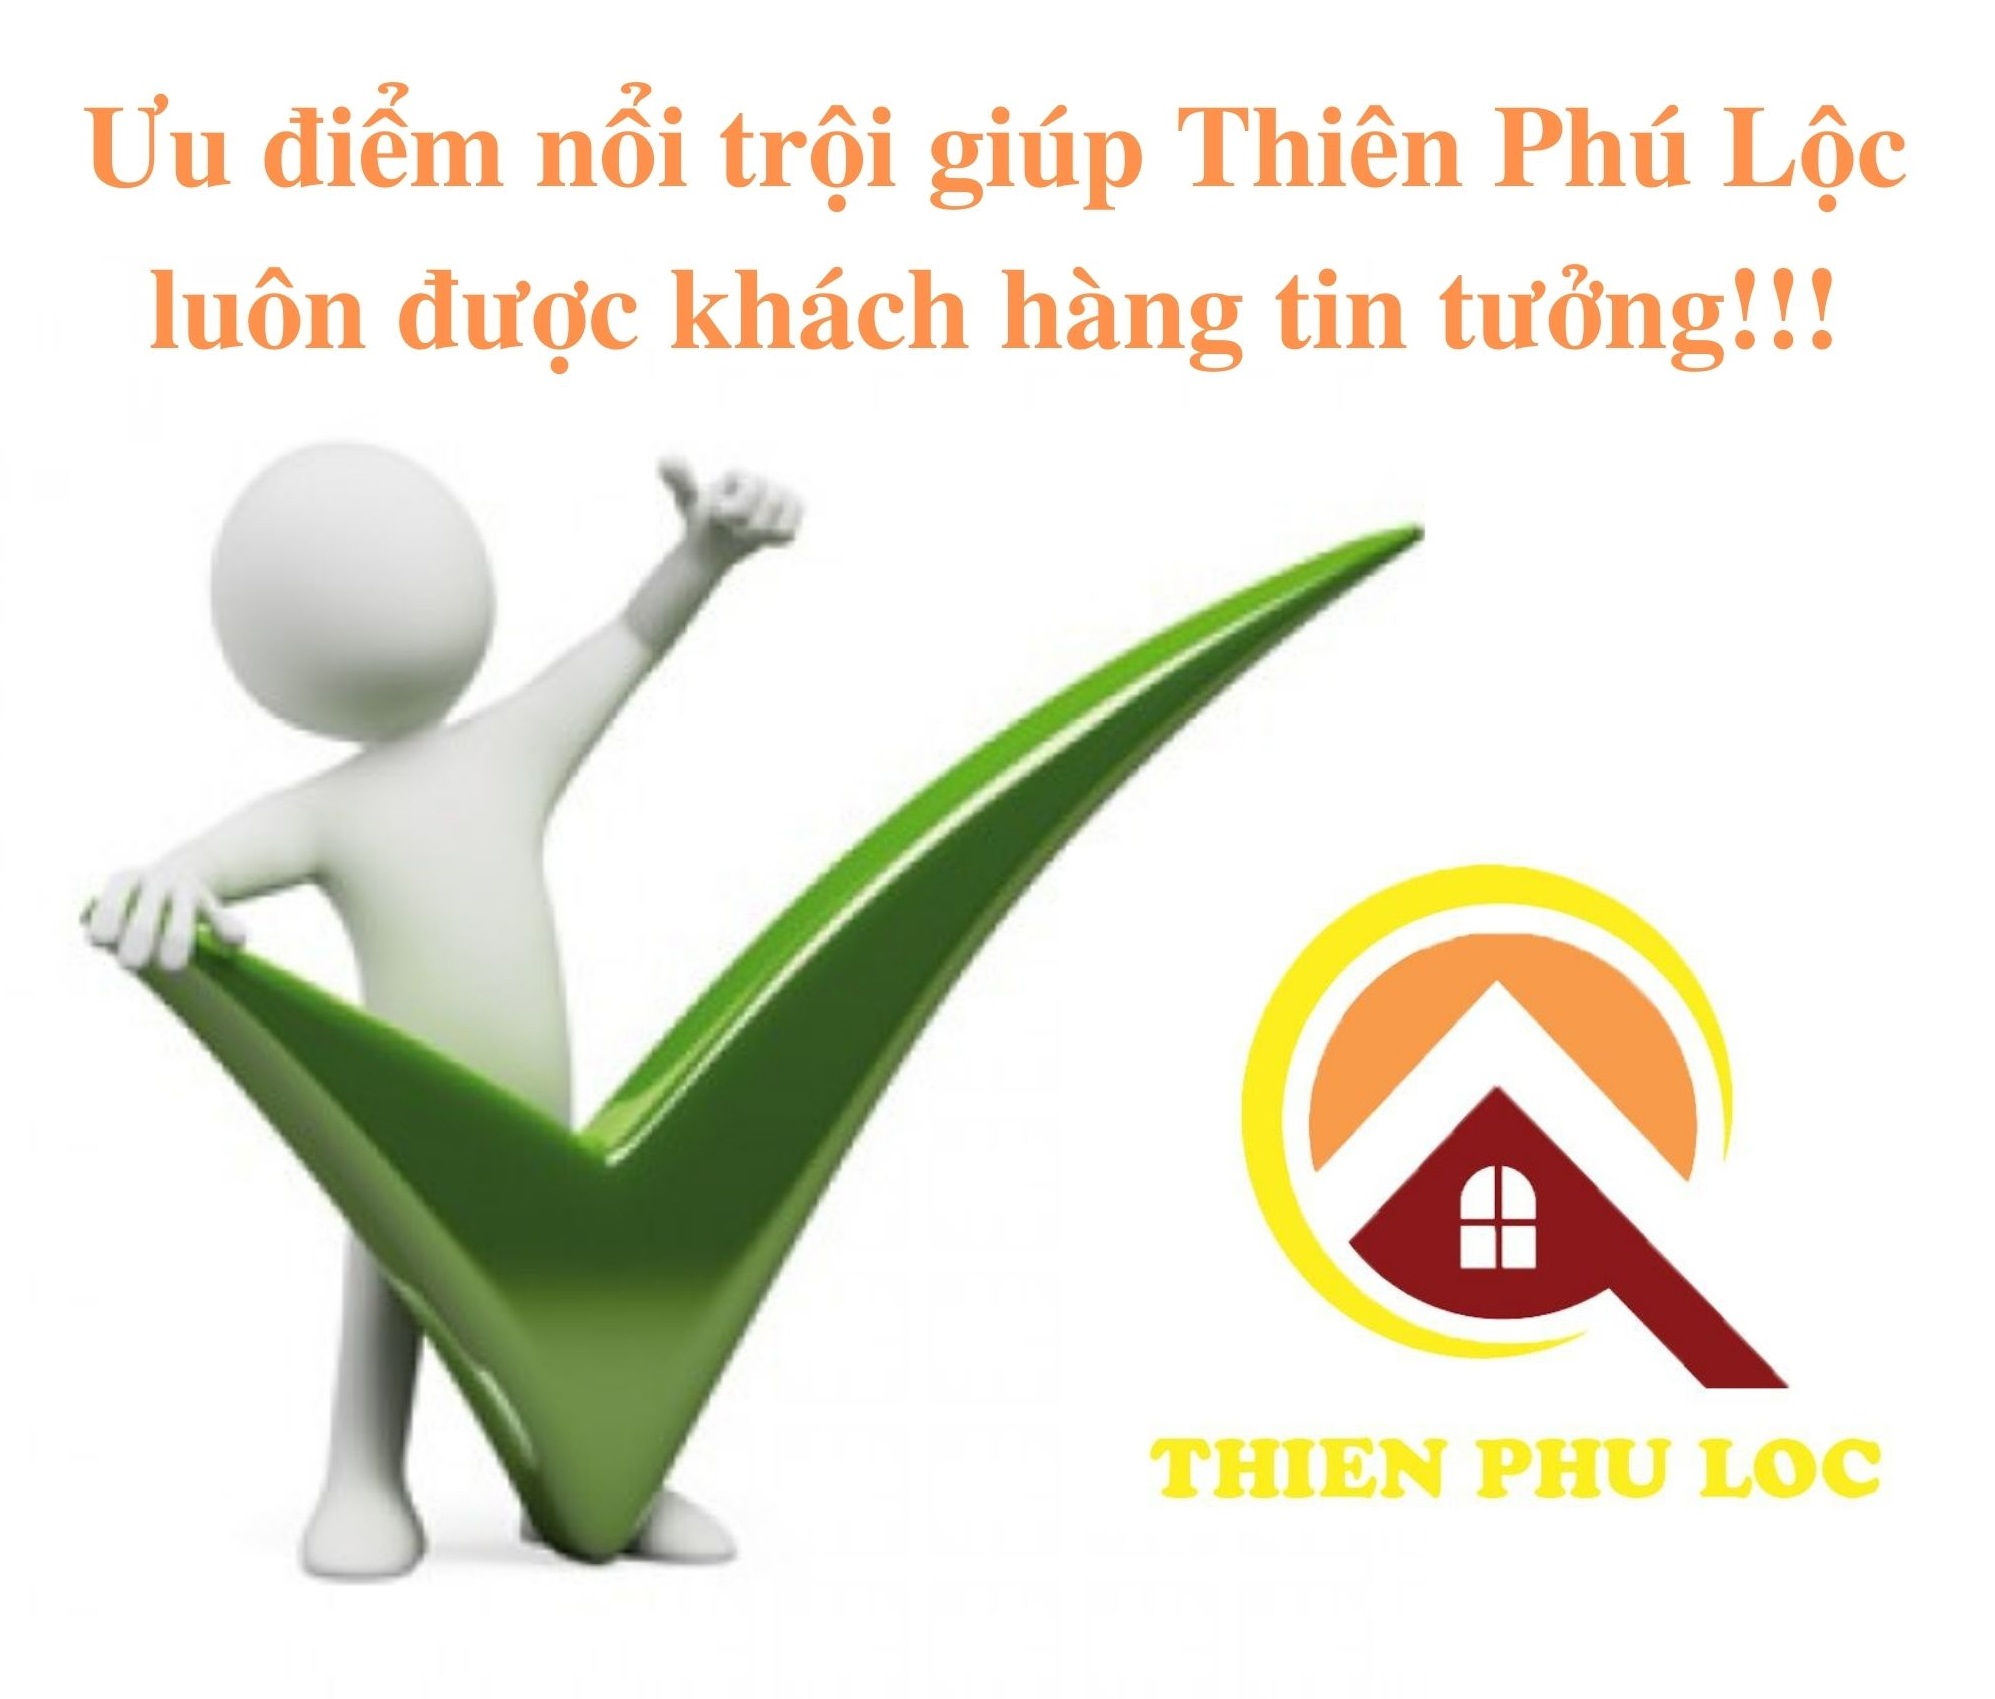 3 Ưu Điểm Thu Hút Khách Hàng Của Mái Che Di Động Thiên Phú Lộc